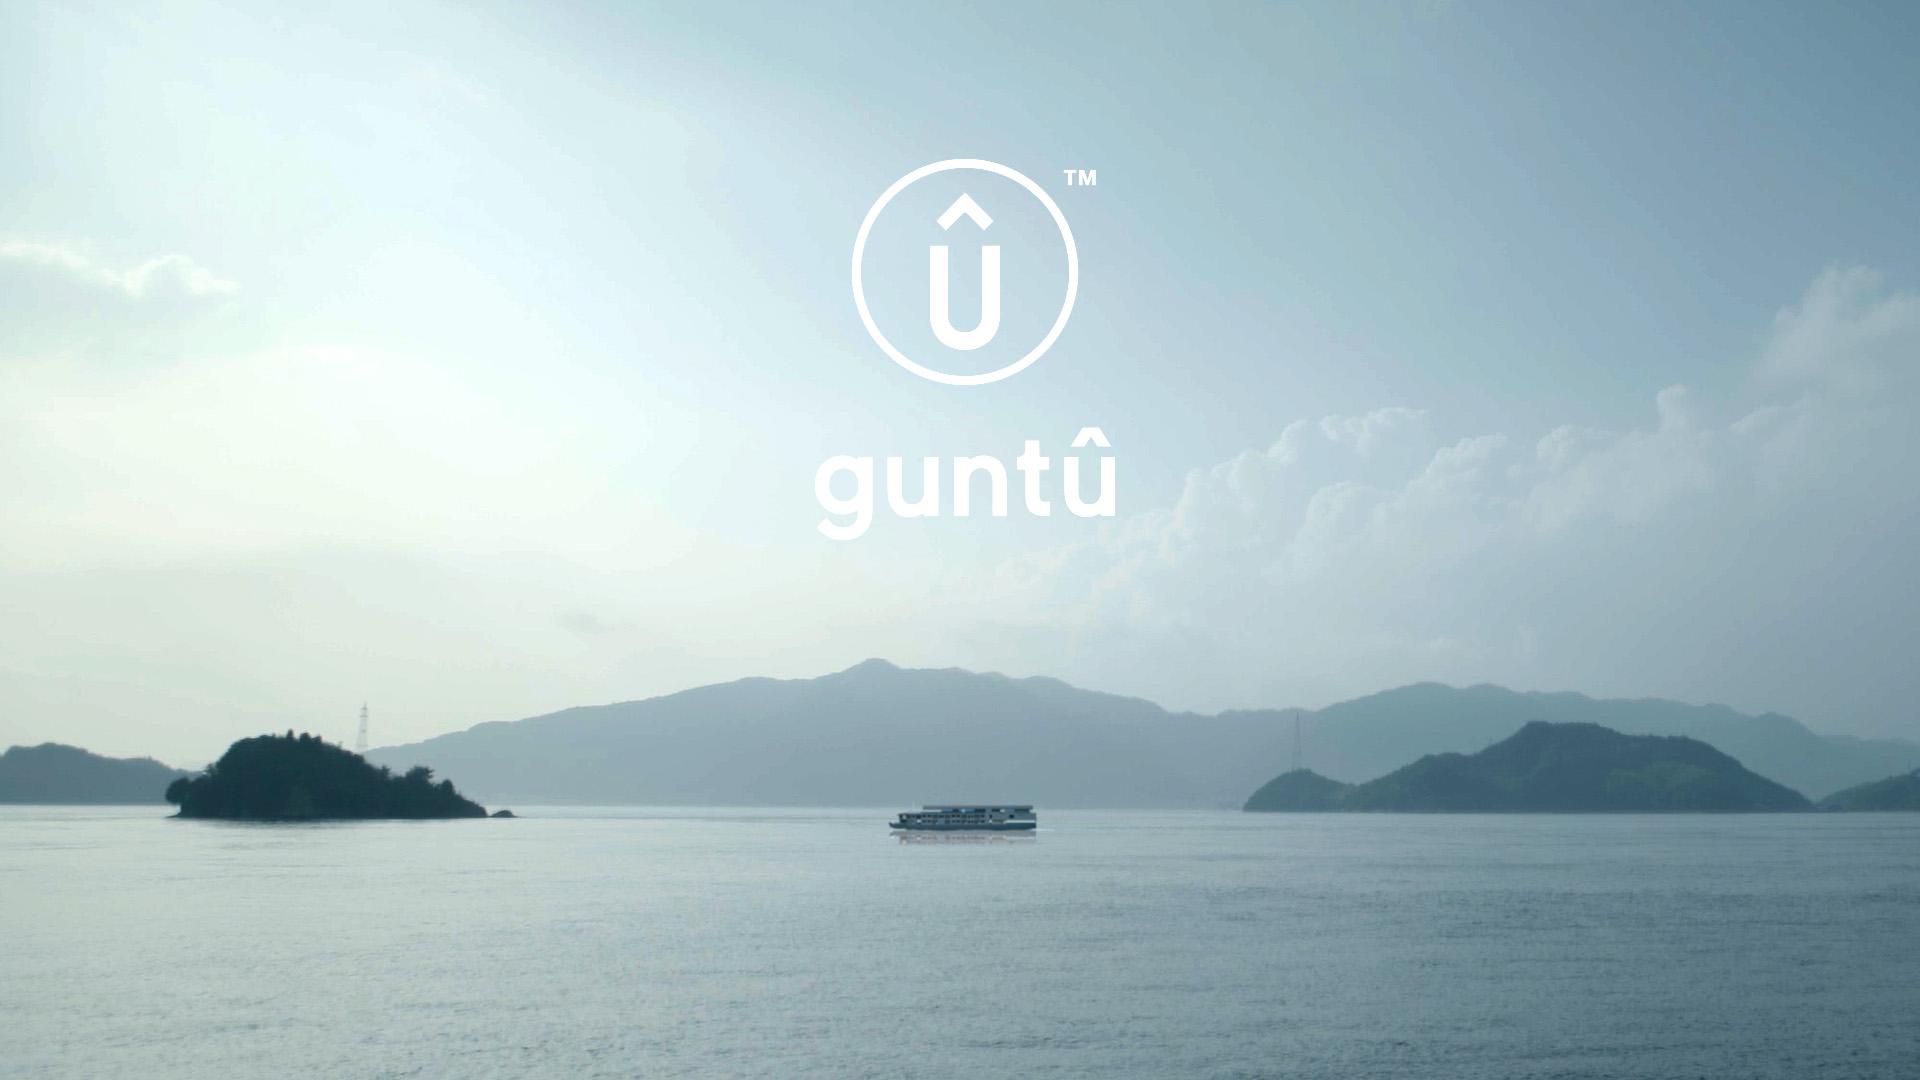 瀬戸内の新しい旅を創出する新造船guntû(ガンツウ)の進水式 開催 ~2017年1月16日 常石造船 常石工場第一船台~